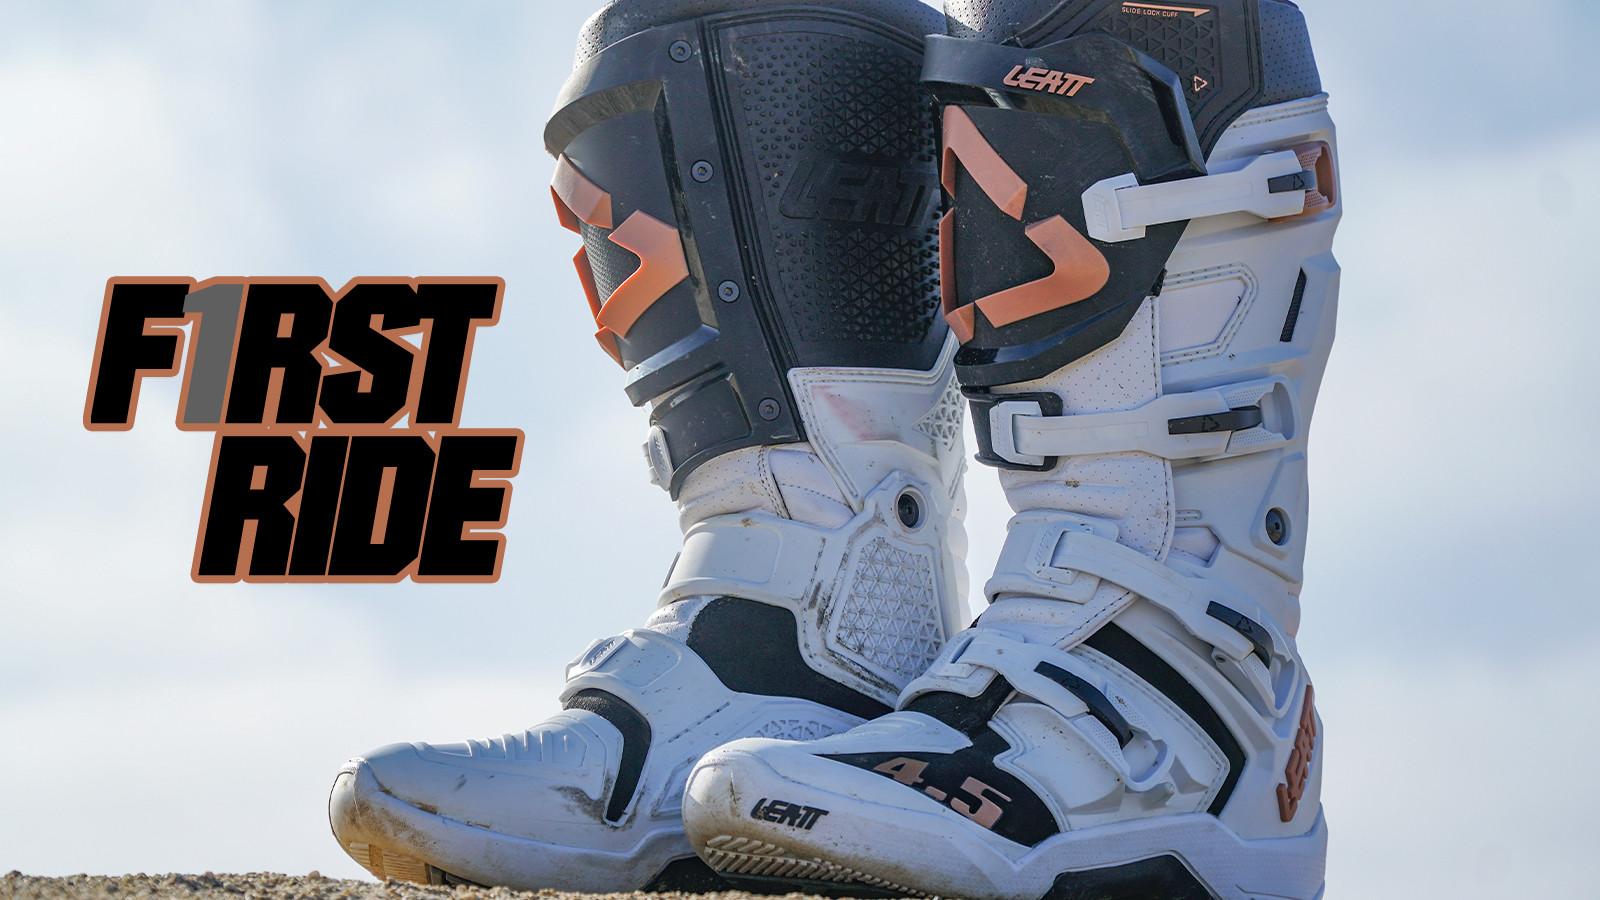 First Ride: Leatt 4.5 Boot